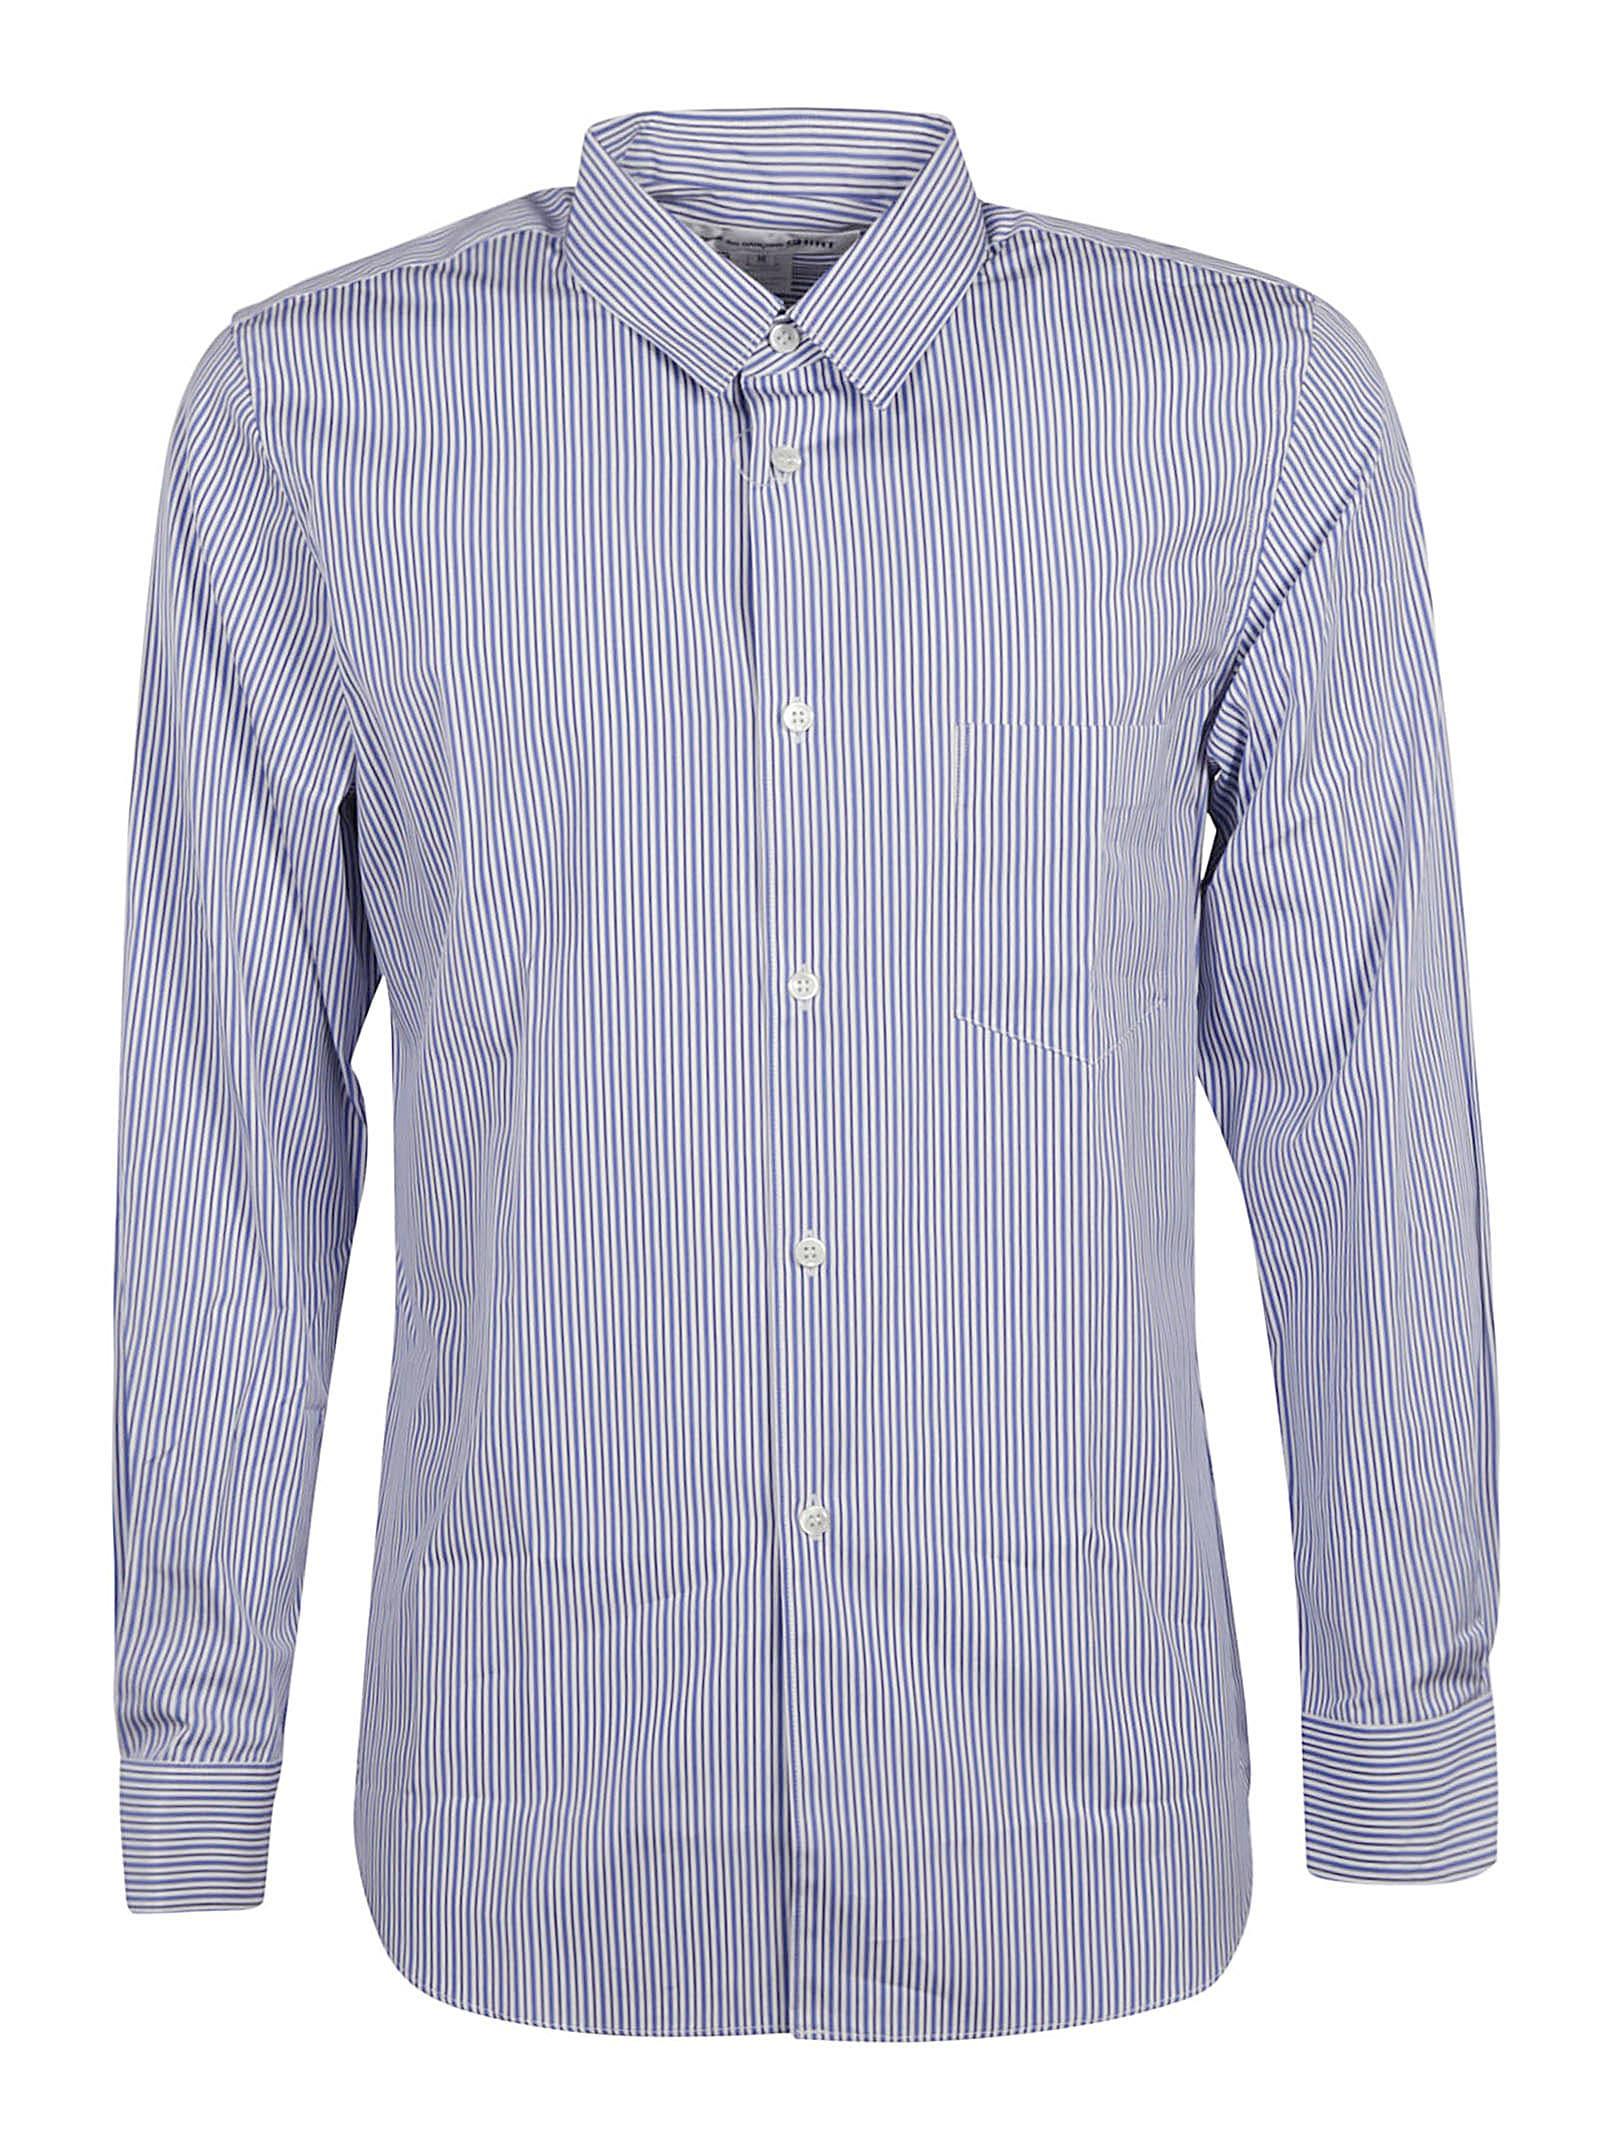 Comme Des Garçons Shirt STRIPED SHIRT SHIRT